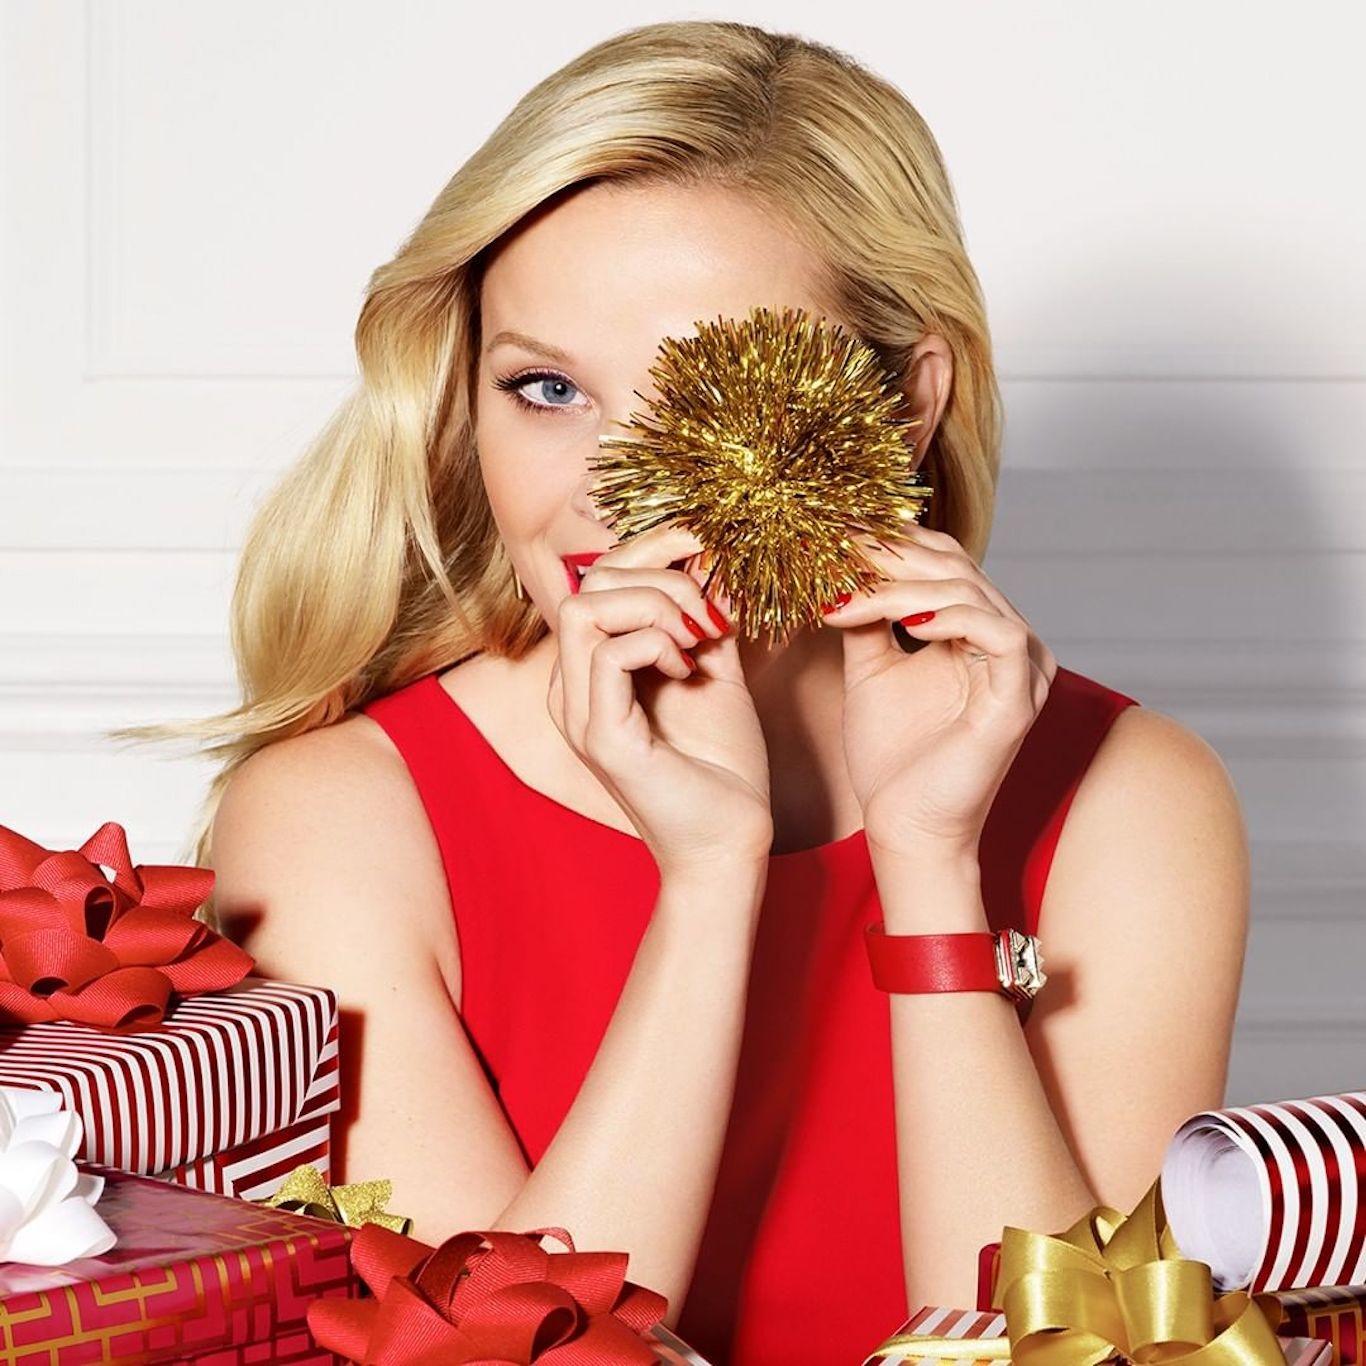 a0458901f Los mejores packs de cremas faciales para regalar tratamientos de belleza  esta Navidad